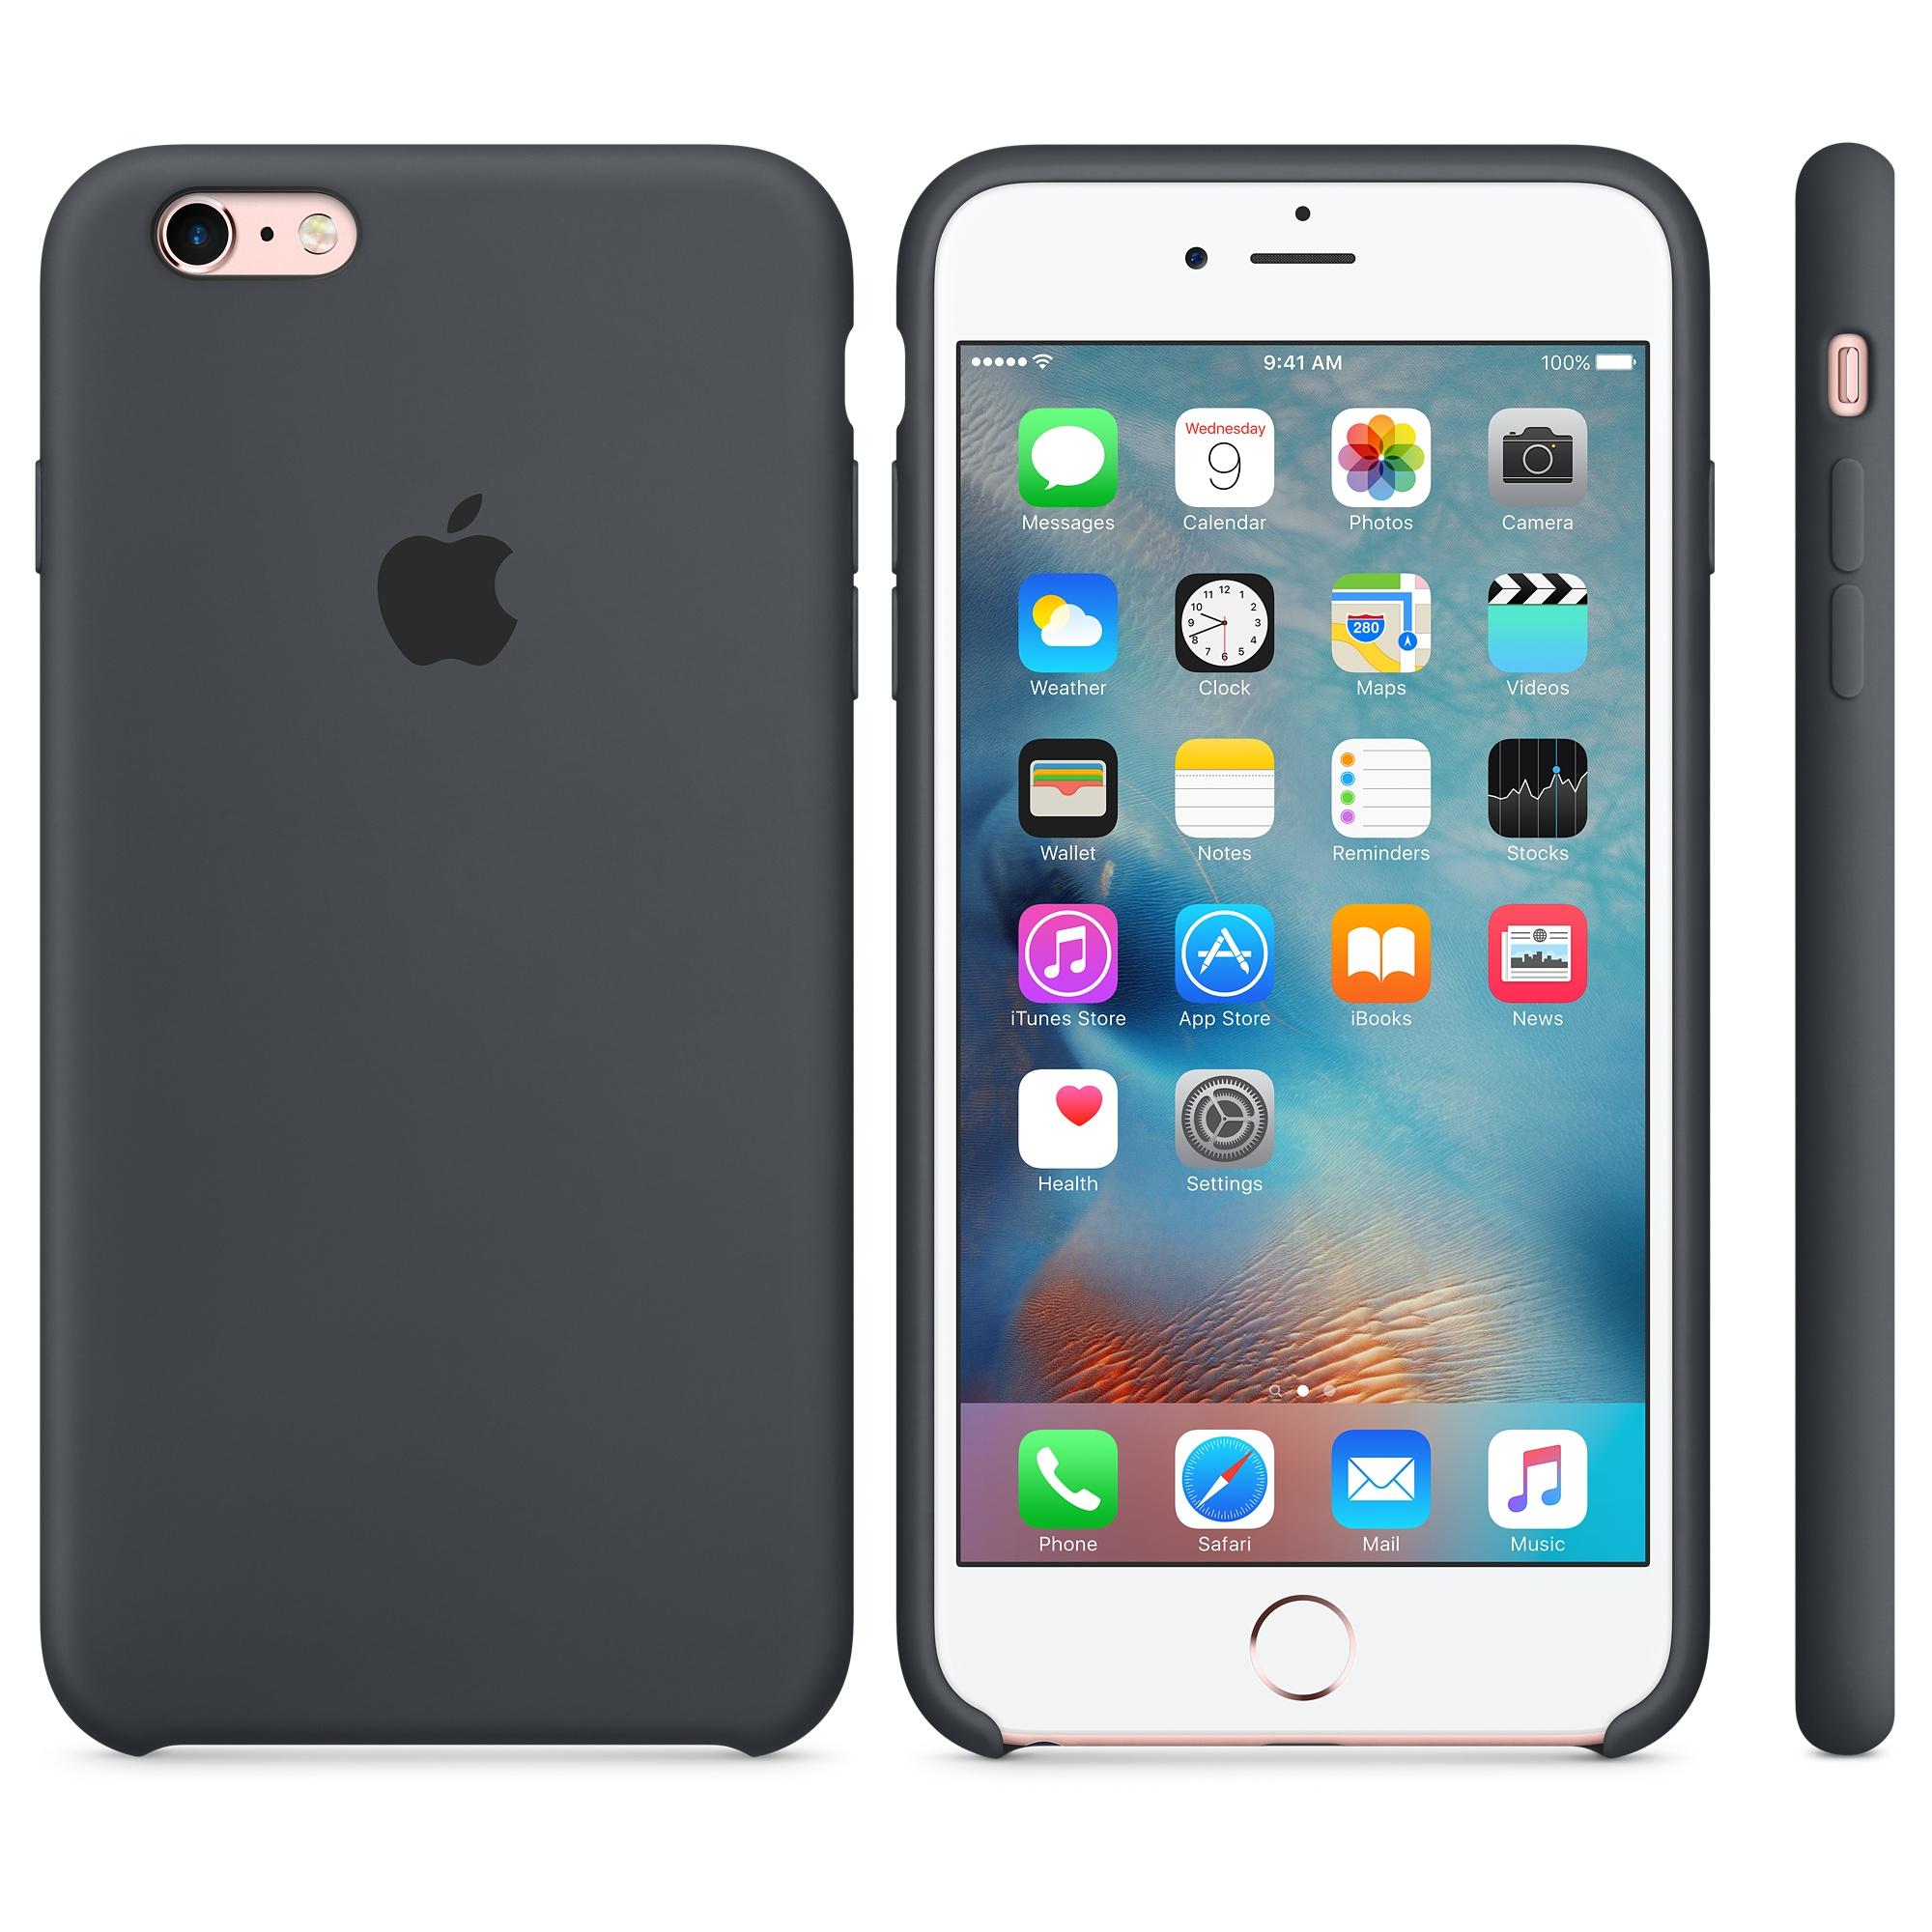 Pouzdra, kryty a obaly na iPhone 6 Plus / 6S Plus